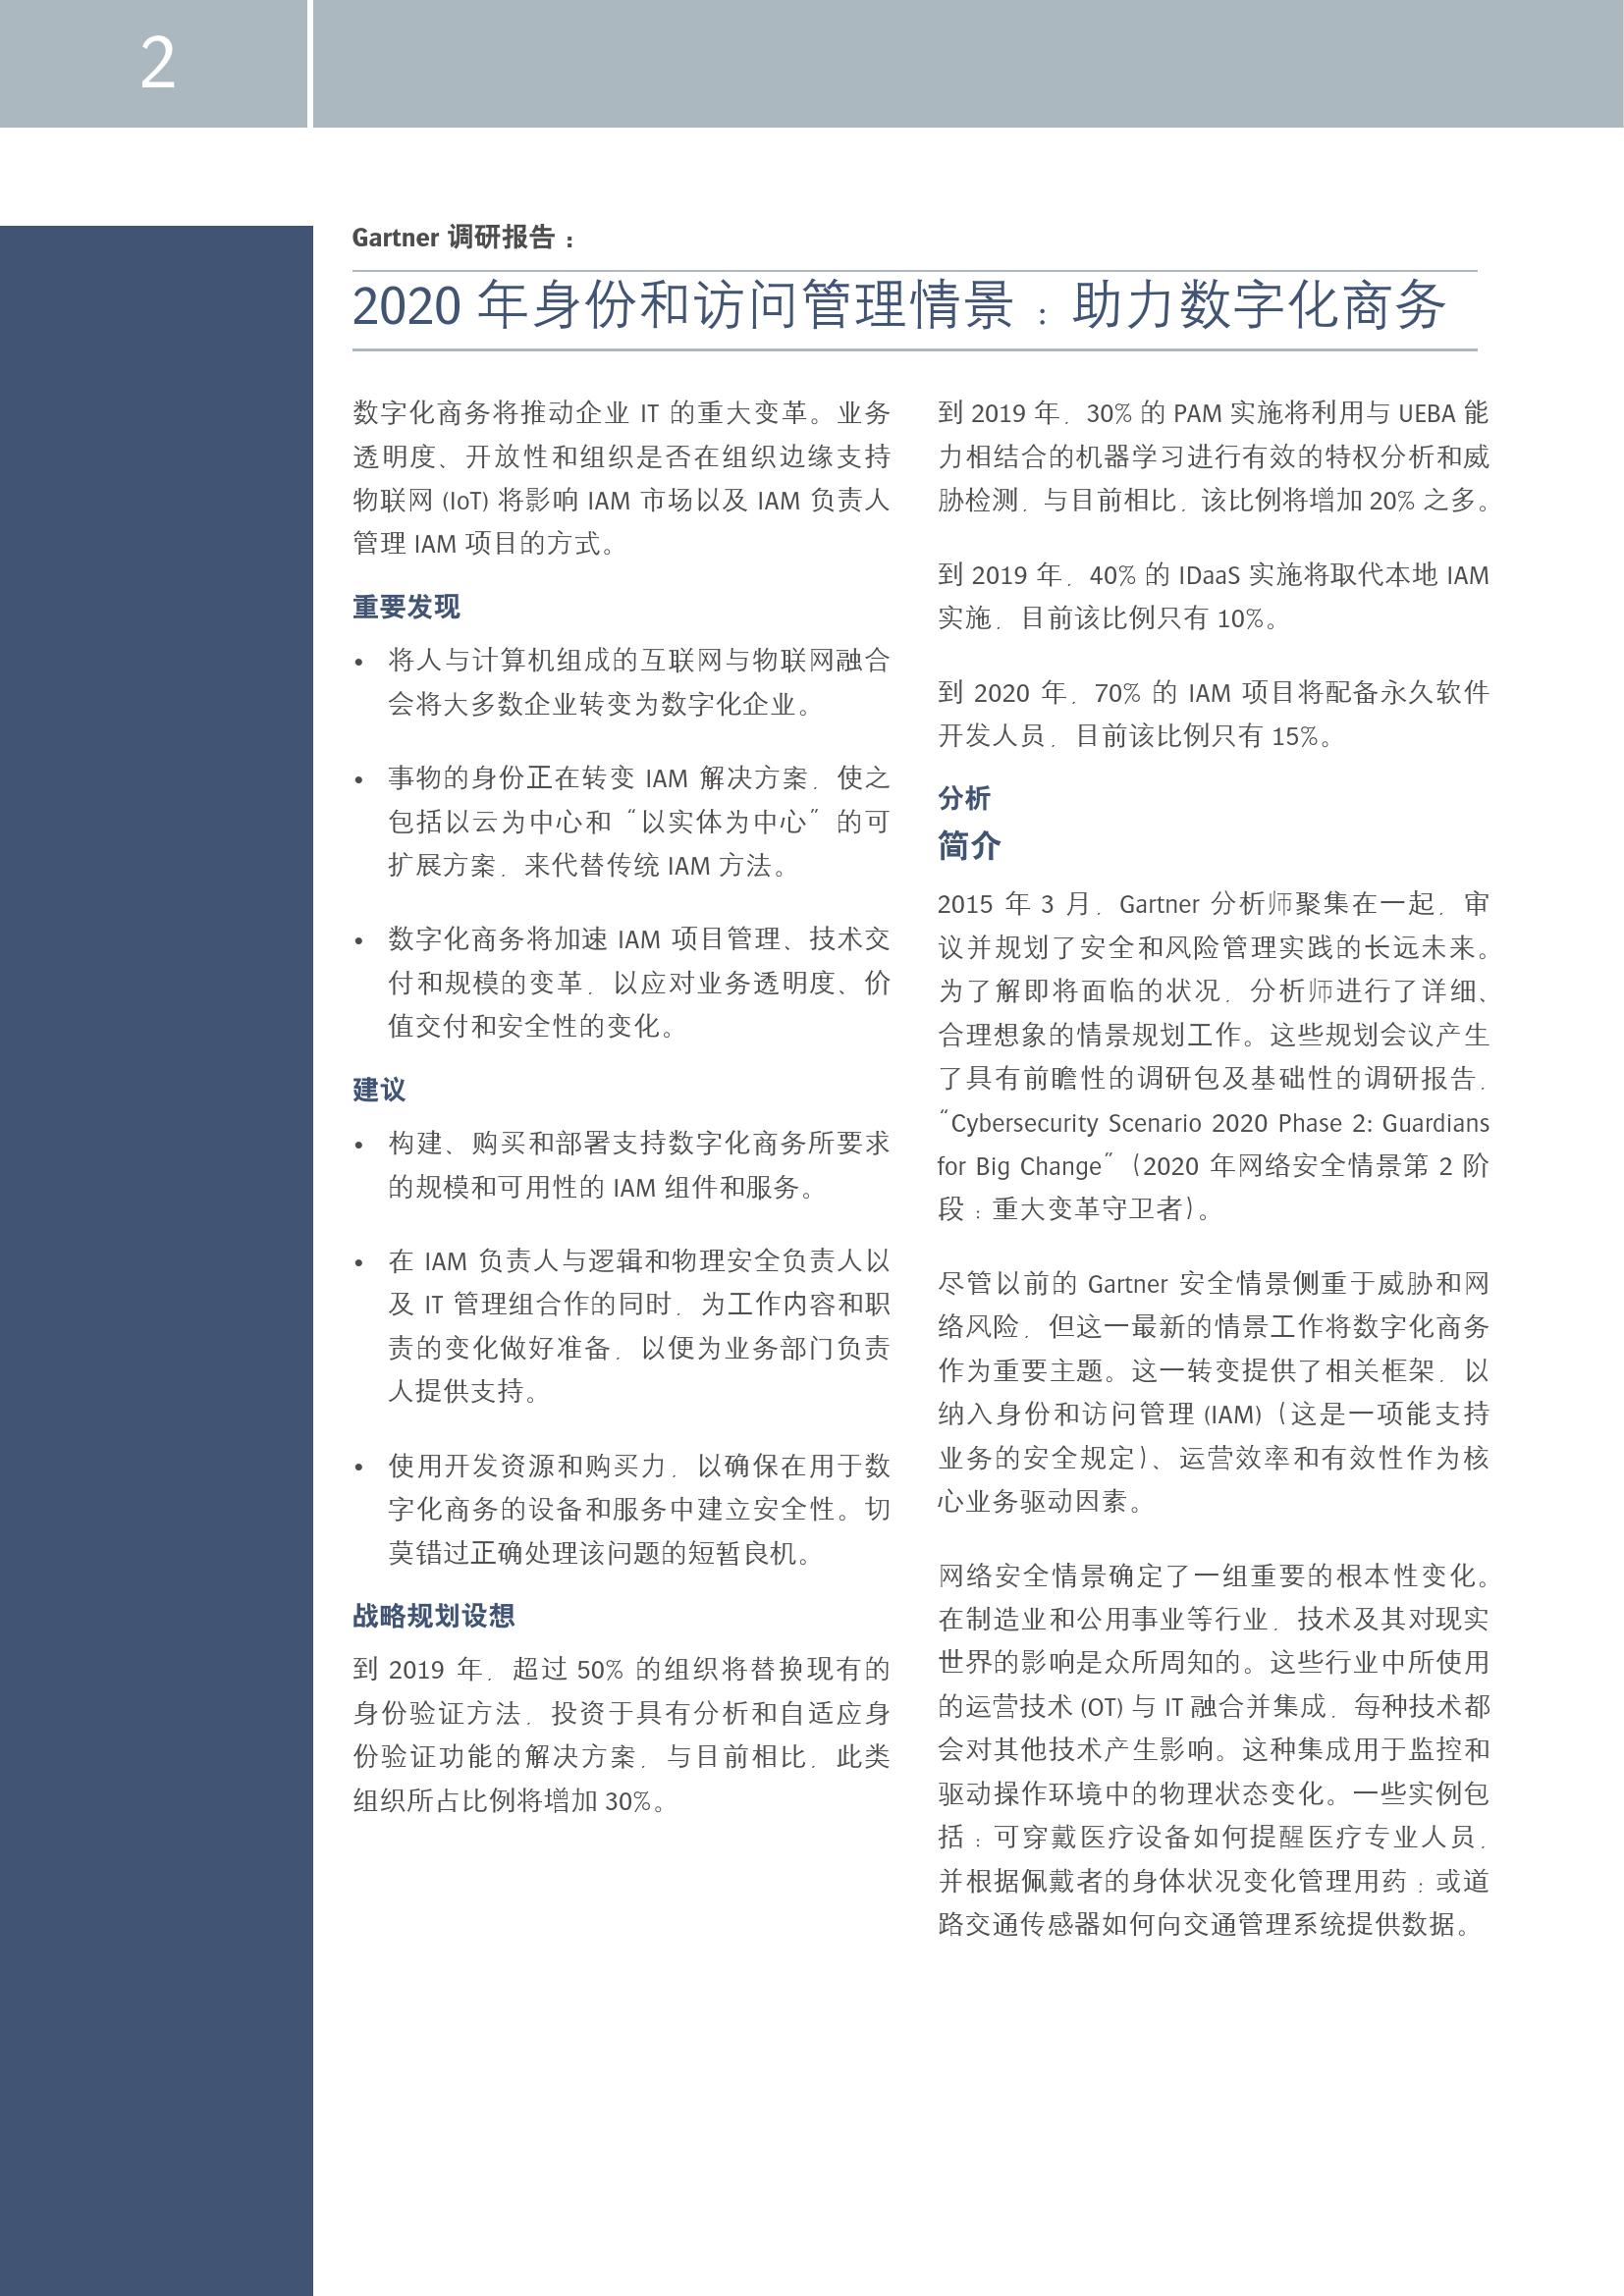 中国企业市场前瞻_000002